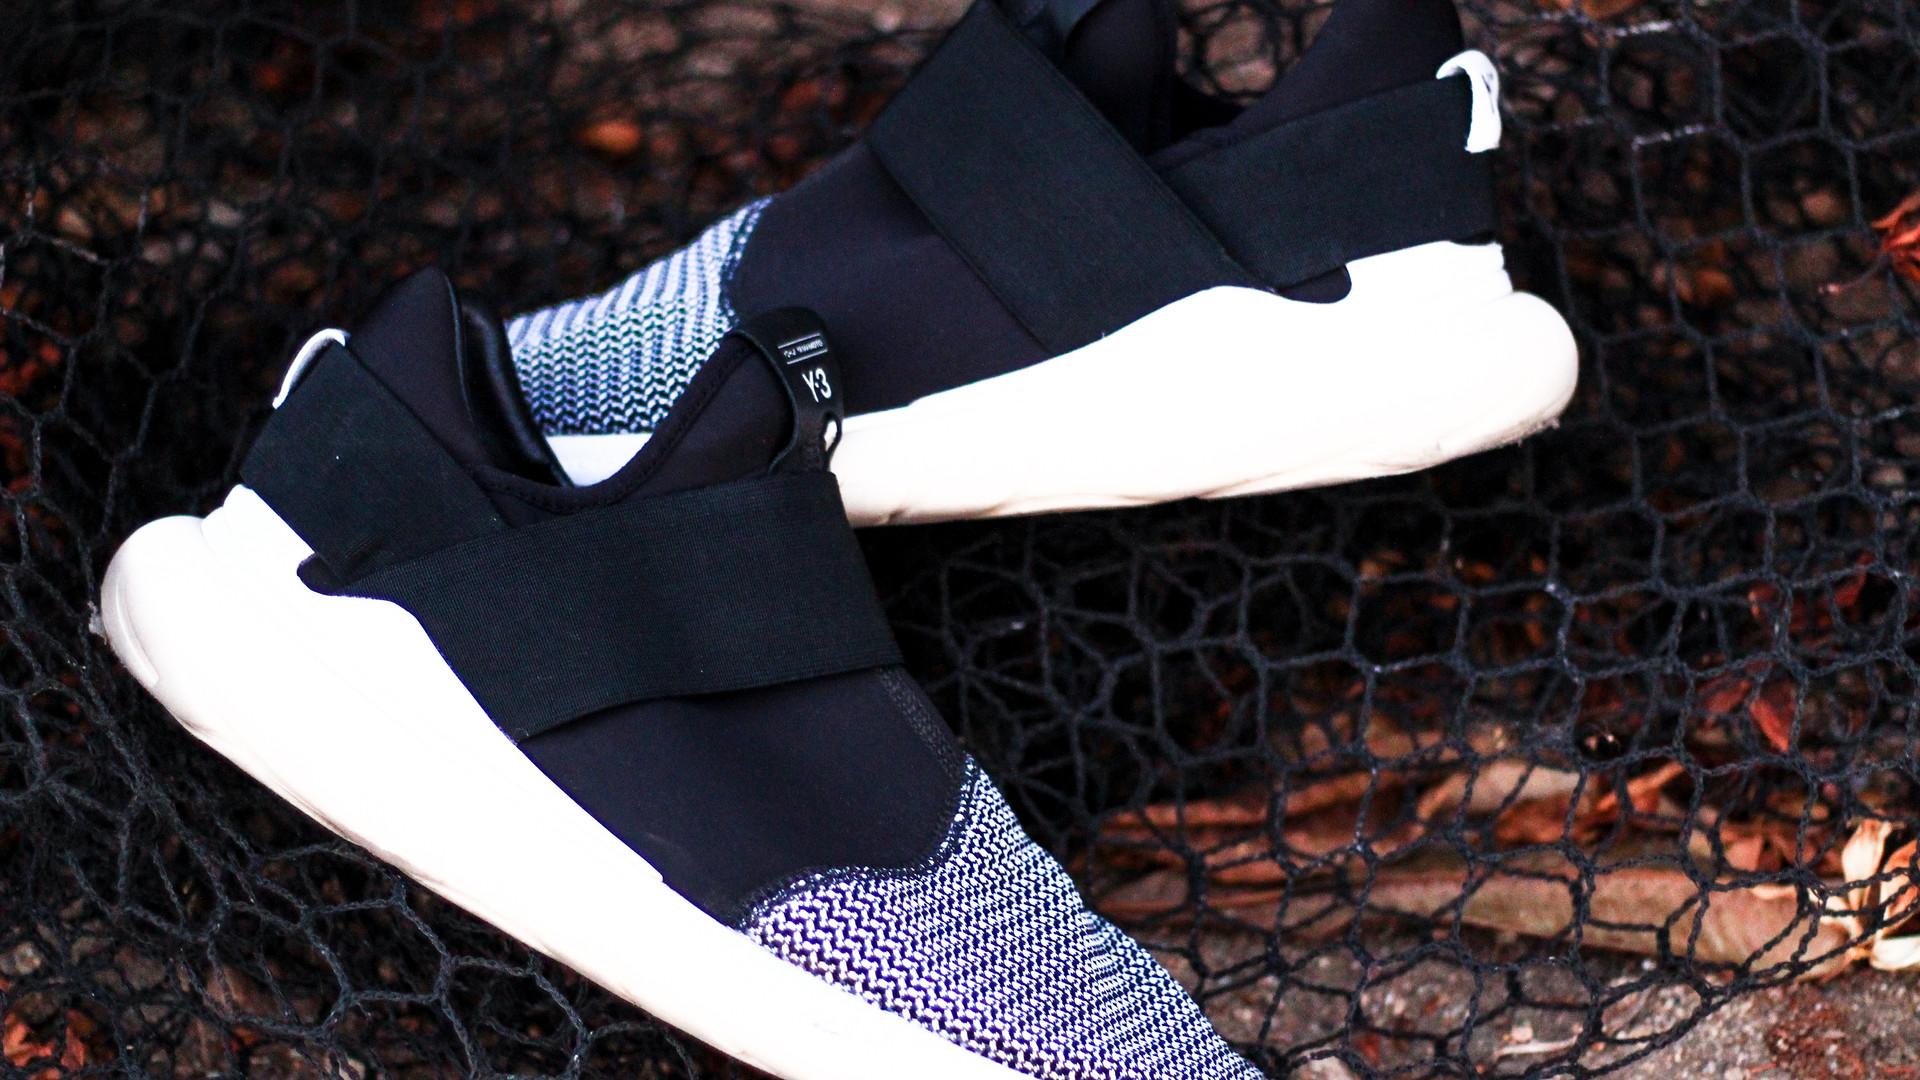 Adidas Y-3 Qasa Low II